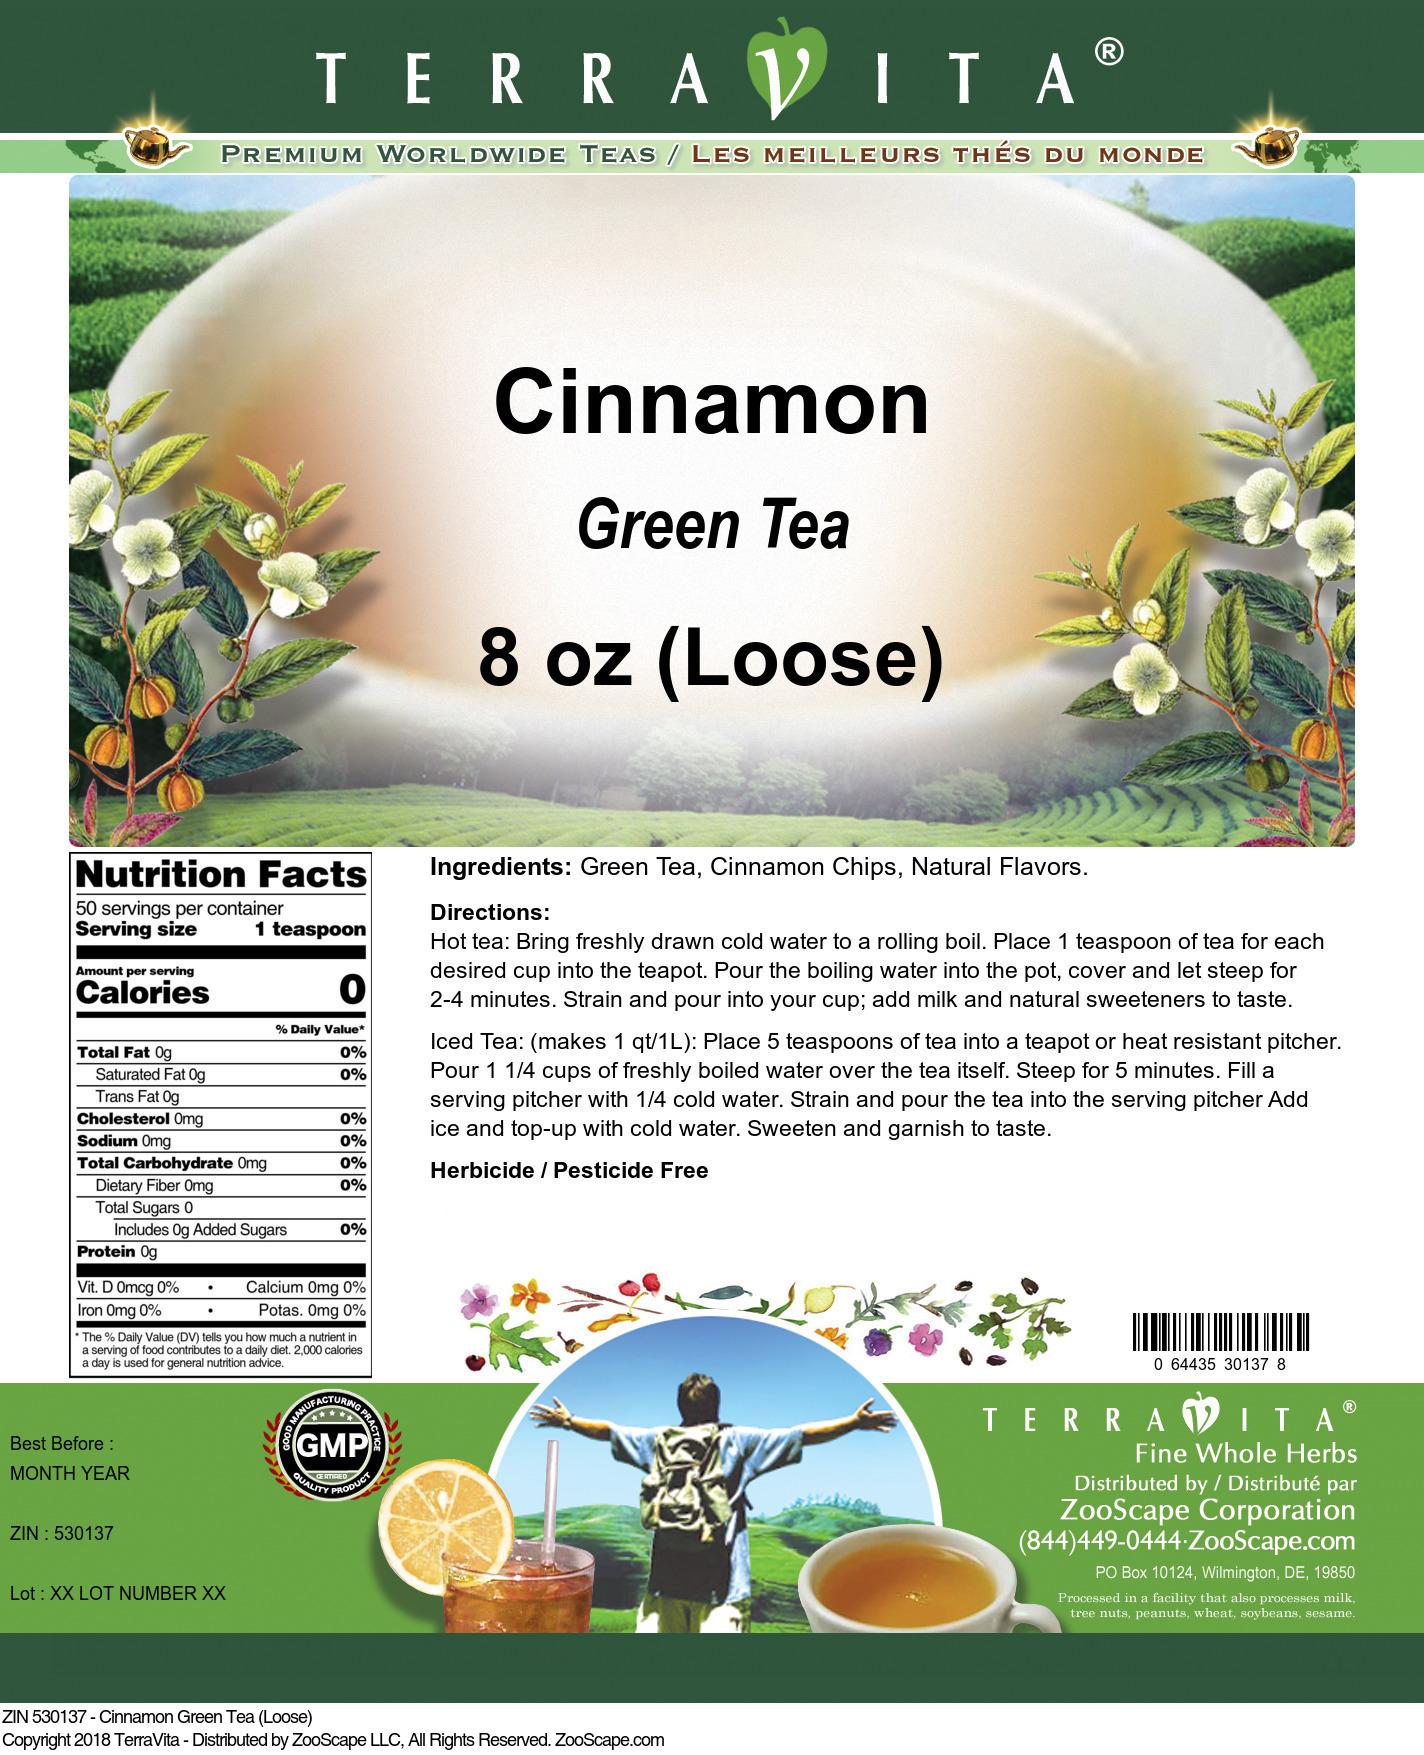 Cinnamon Green Tea (Loose)